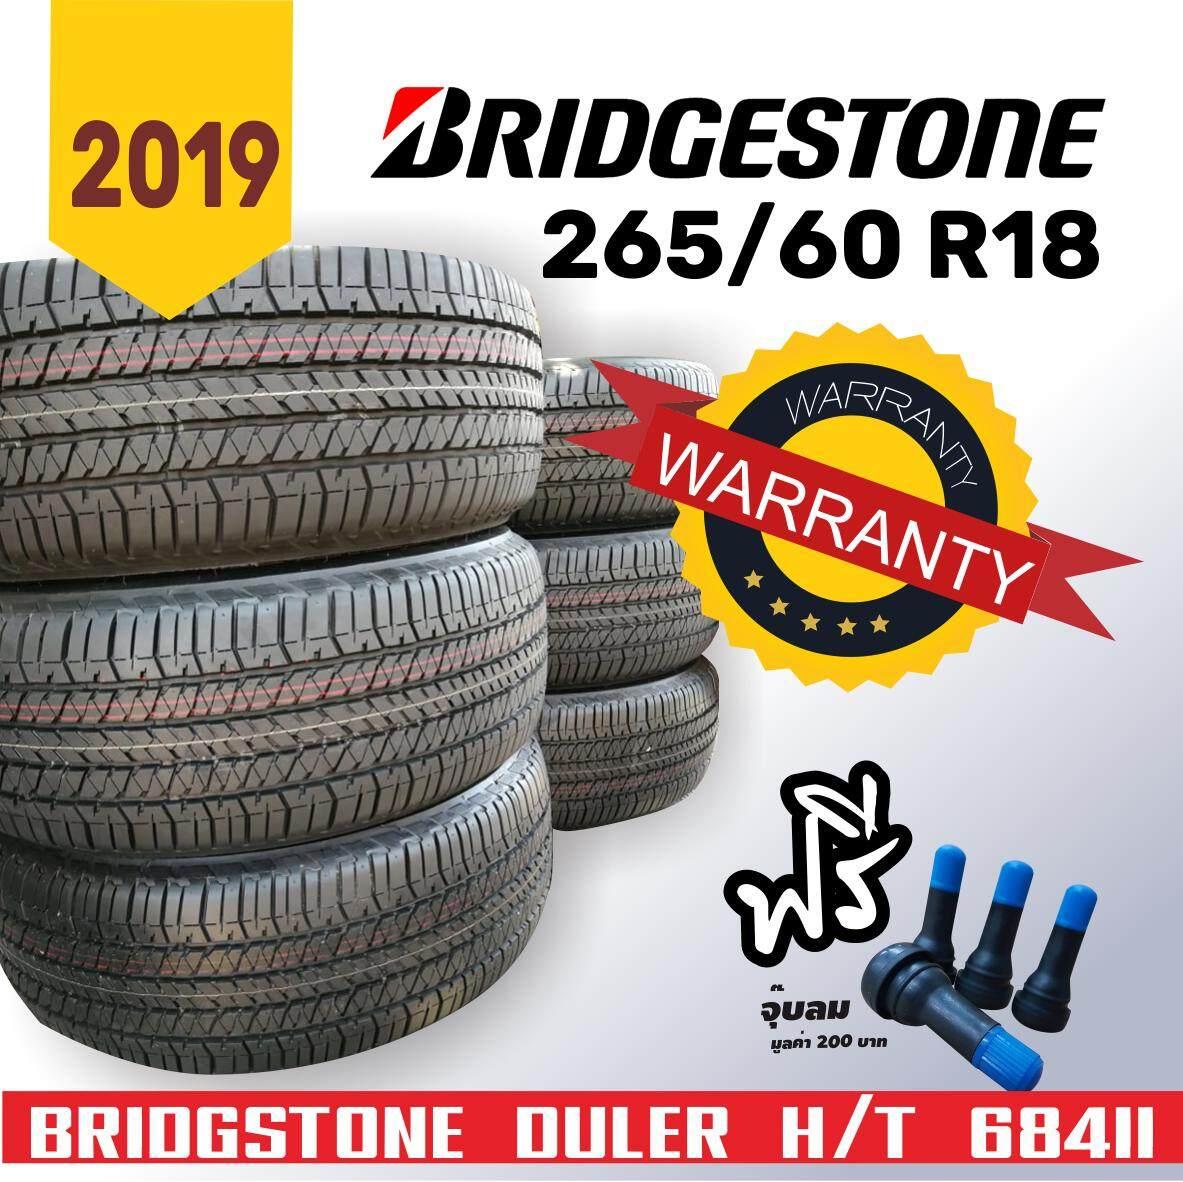 ประกันภัย รถยนต์ 2+ ระยอง [ส่งฟรี] 265/60R18 บริดจสโตน D684 ปี 19  (ฺBridgestone Dueler H/T 684II)  จำนวน  4 เส้น/1 ชุด ( และจำนวน 1เส้นปี18 )  ป้ายแดงถอดโชว์รูม